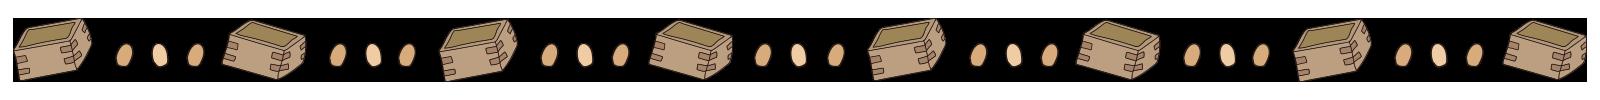 豆と升のライン